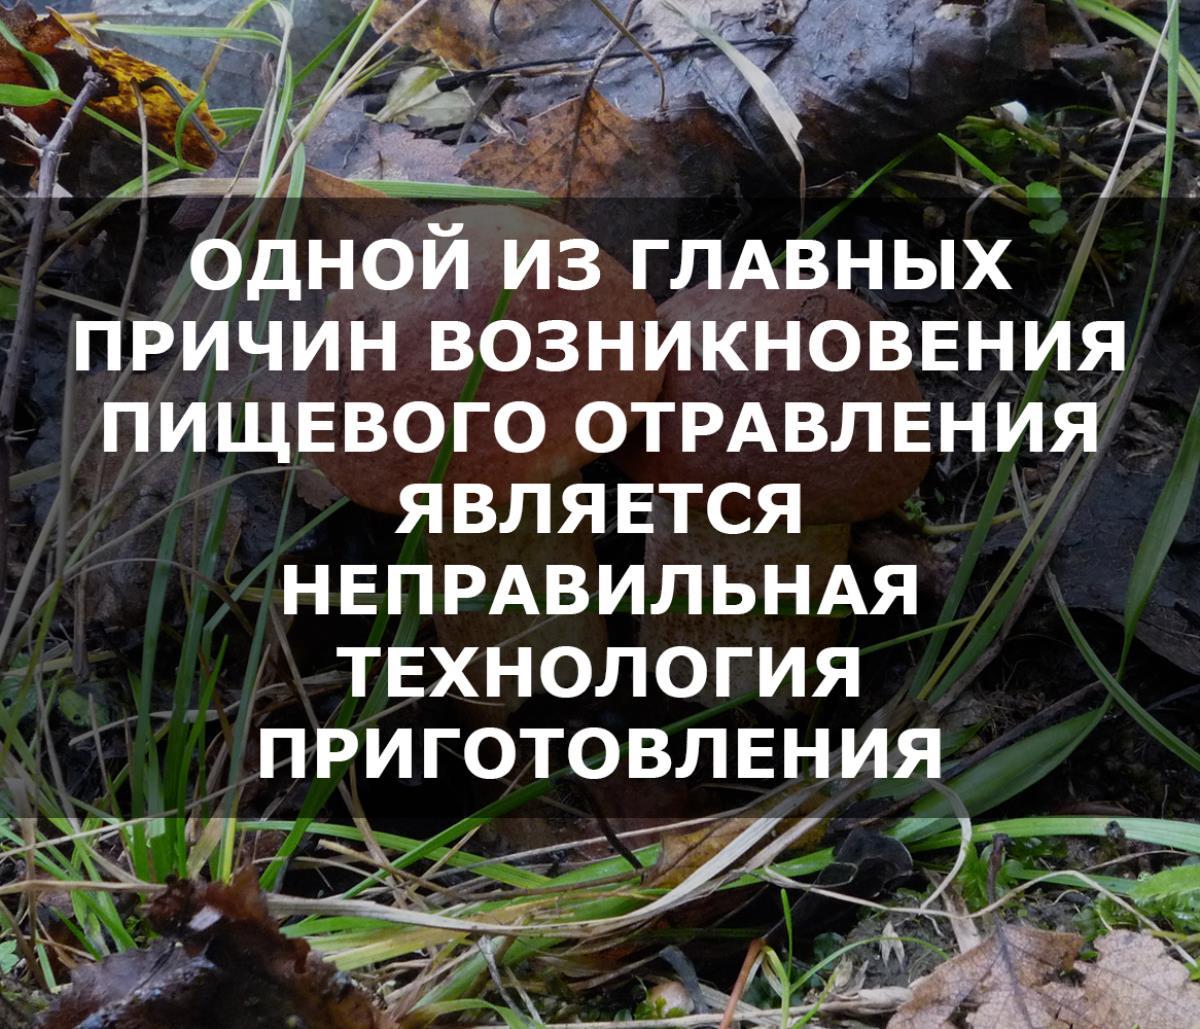 Чтобы не отравиться грибами